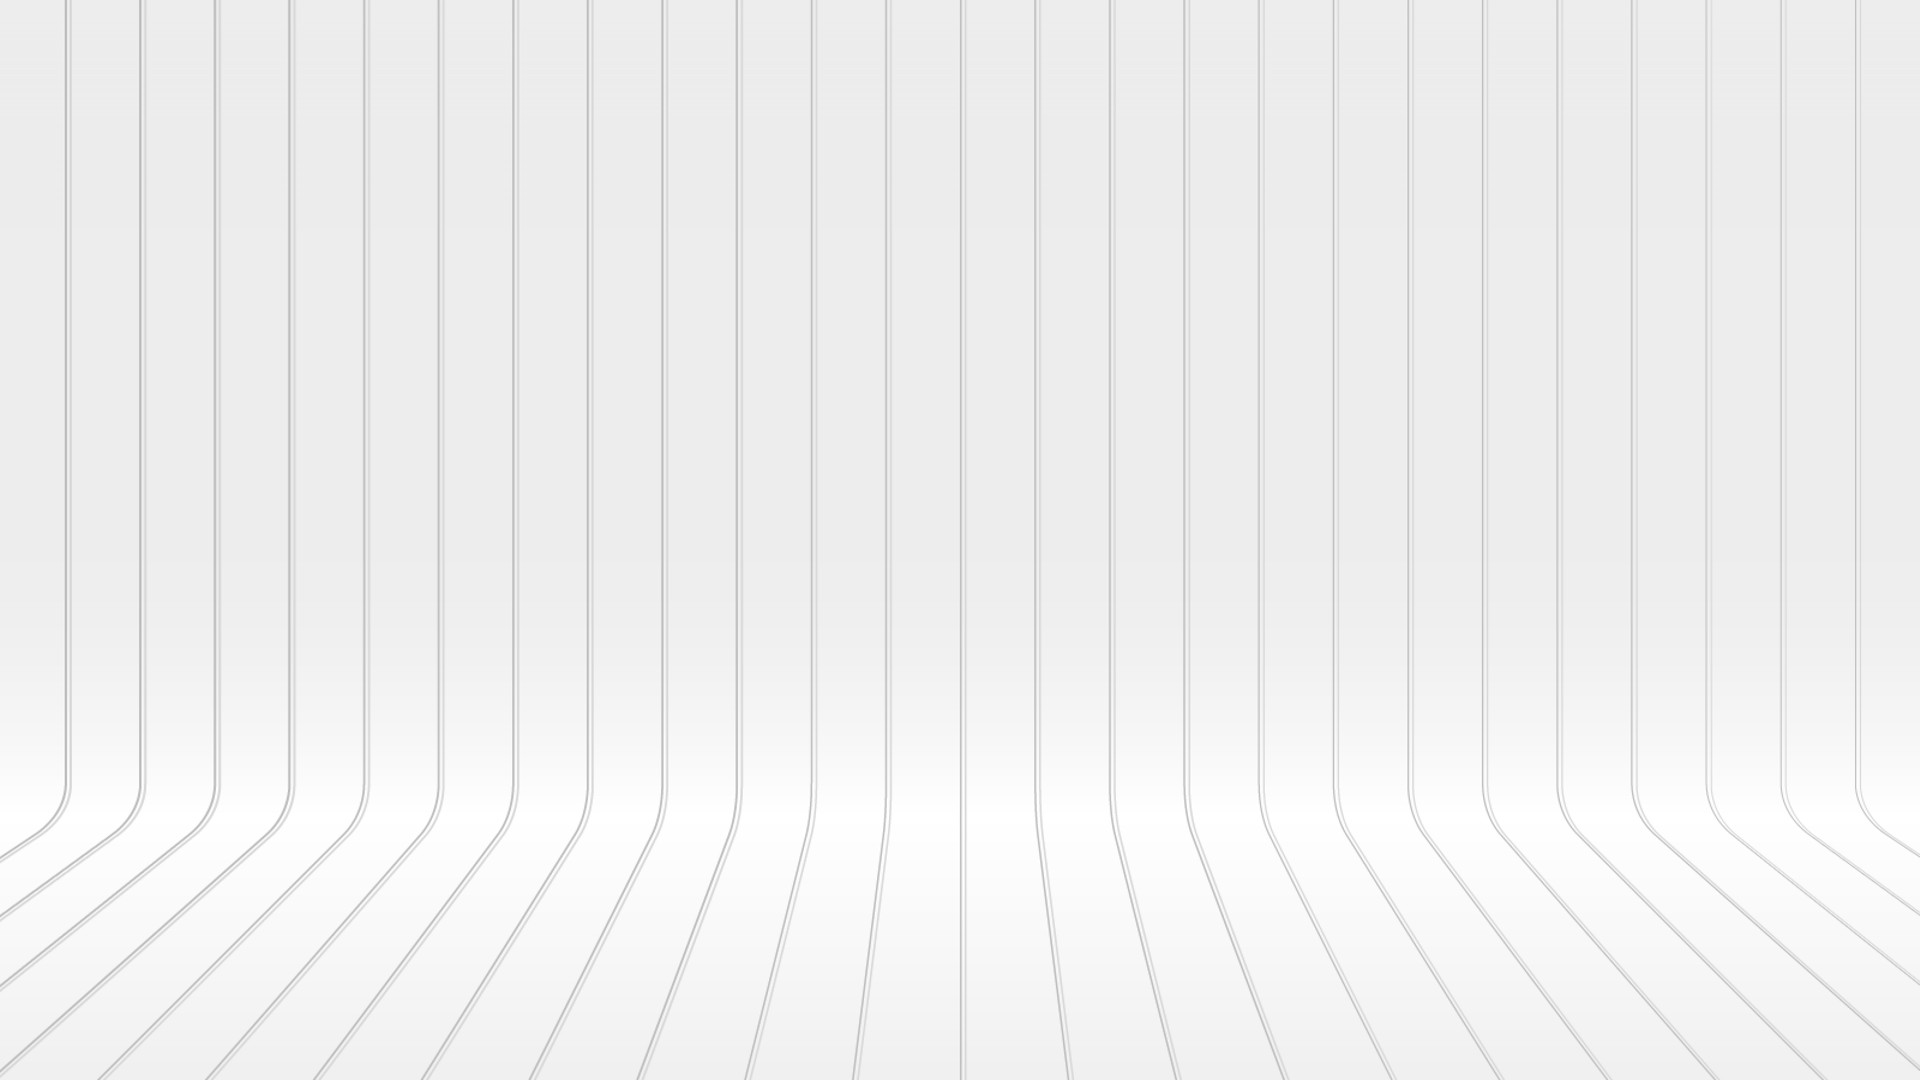 Hình nền màu trắng đơn giản